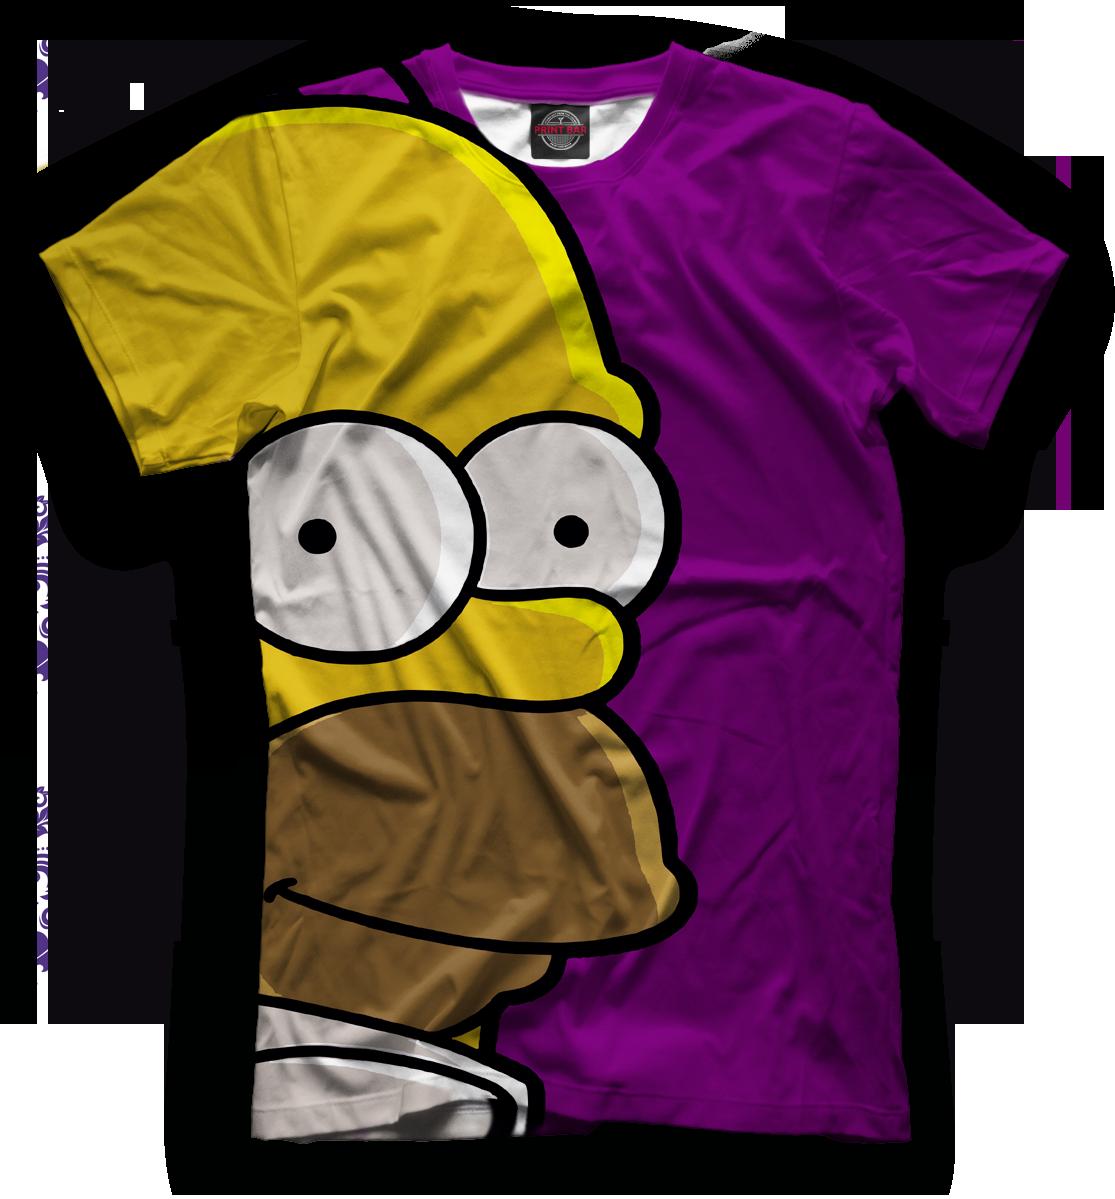 Купить Мужская футболка Гомер SIM-428159-fut-2